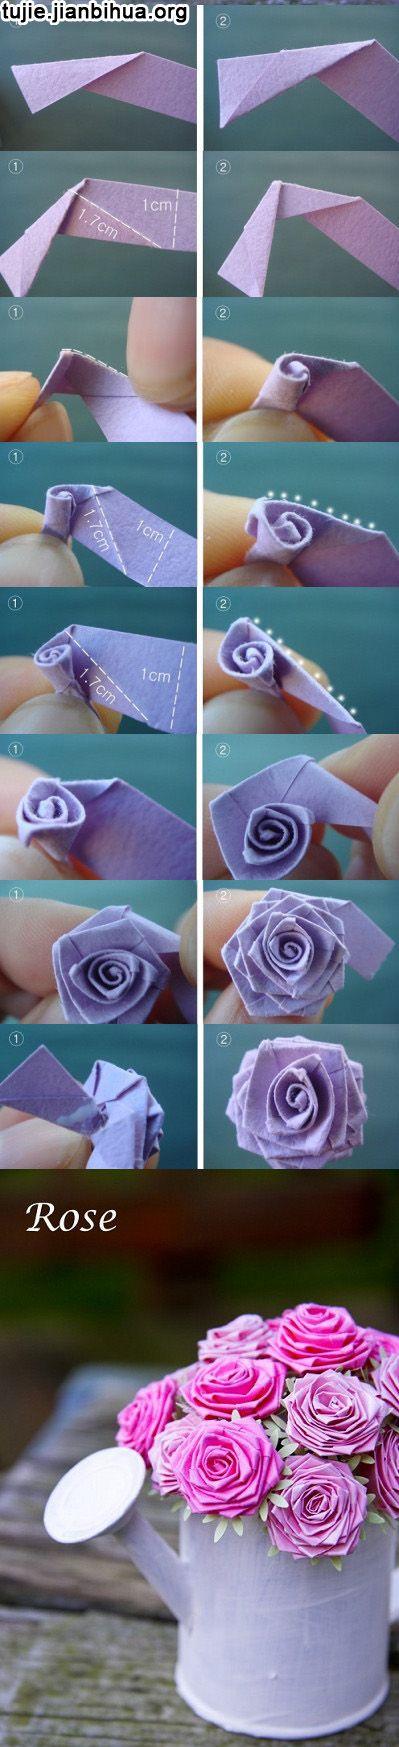 玫瑰花的 折法步骤图解